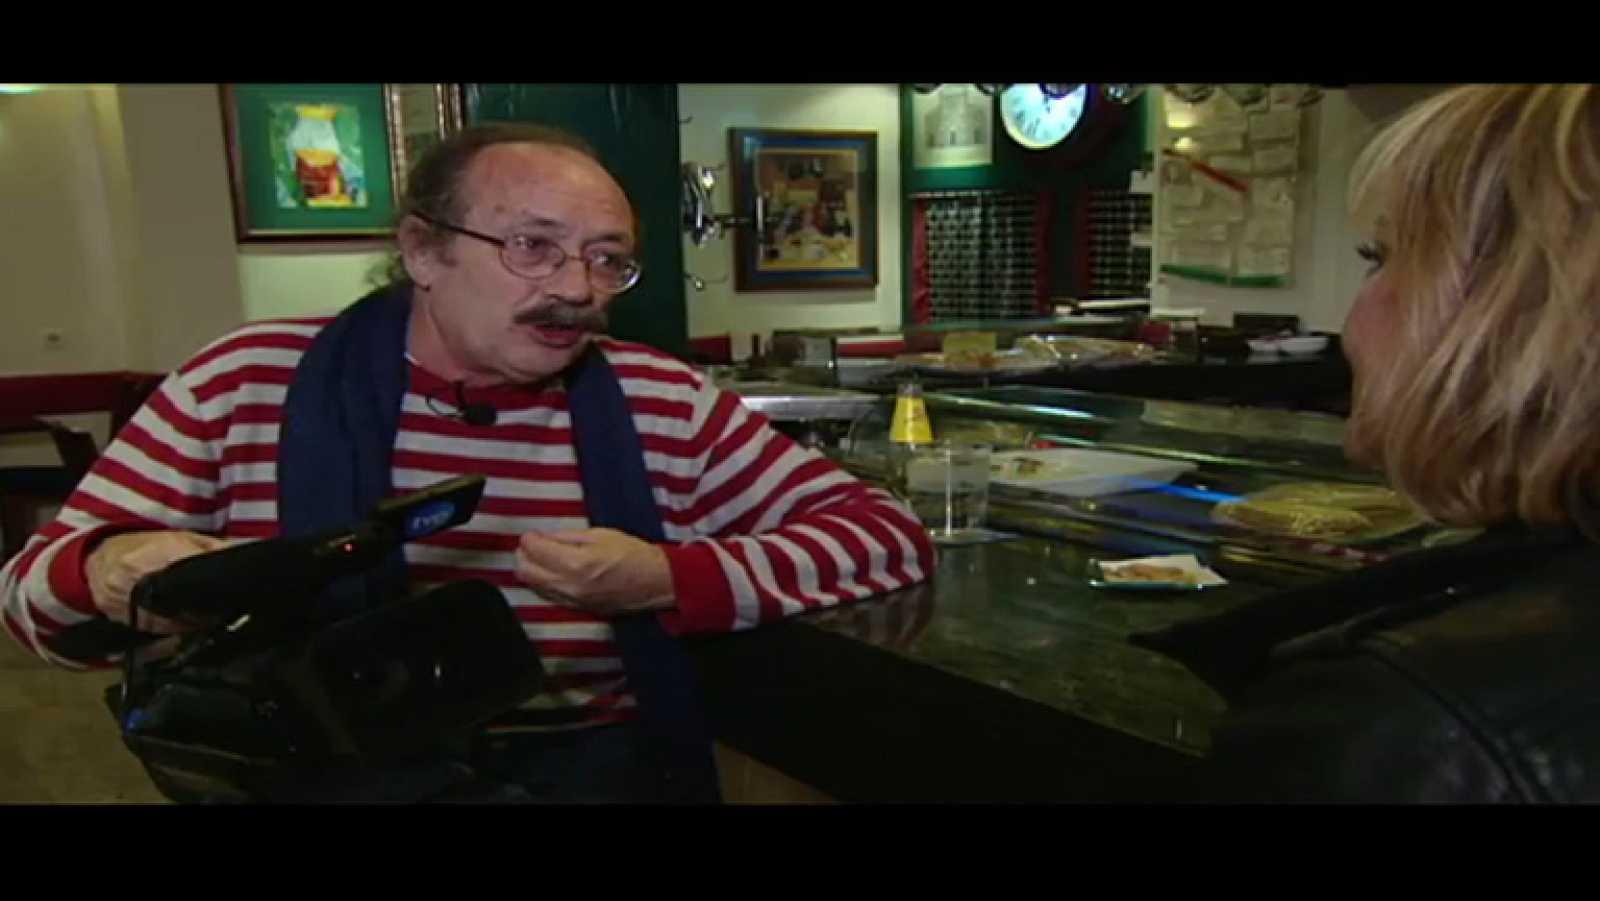 El ojo en la noticia - Miguel Ángel López, el manchego - El truco